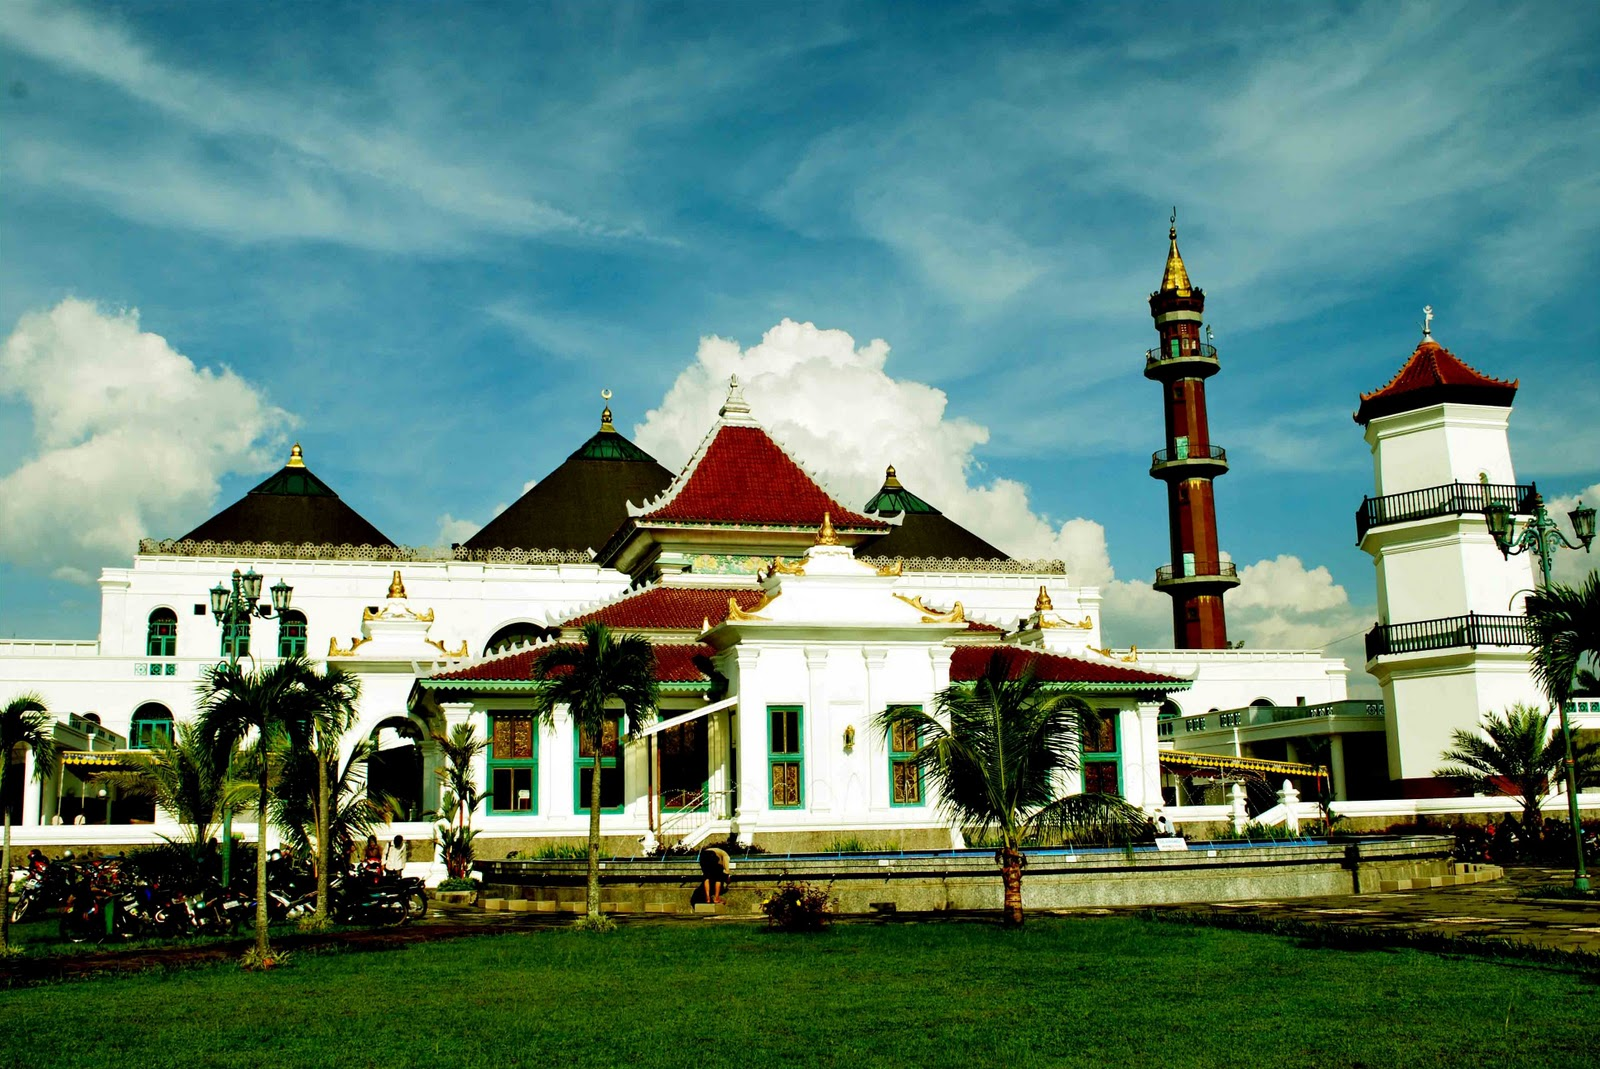 Masjid Agung Sultan Mahmud